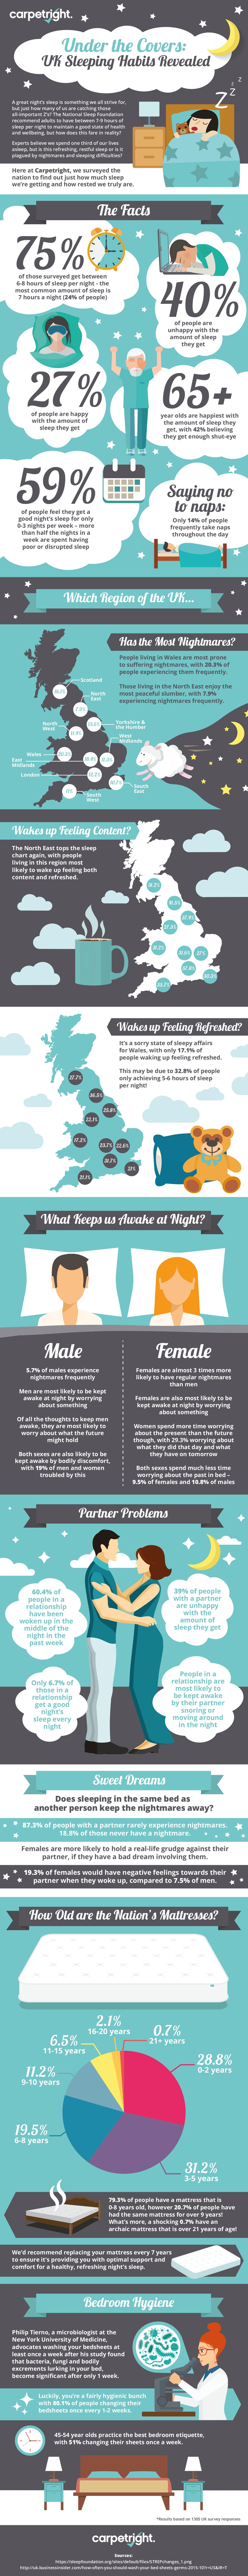 Under the Covers: UK Sleeping Habits Revealed